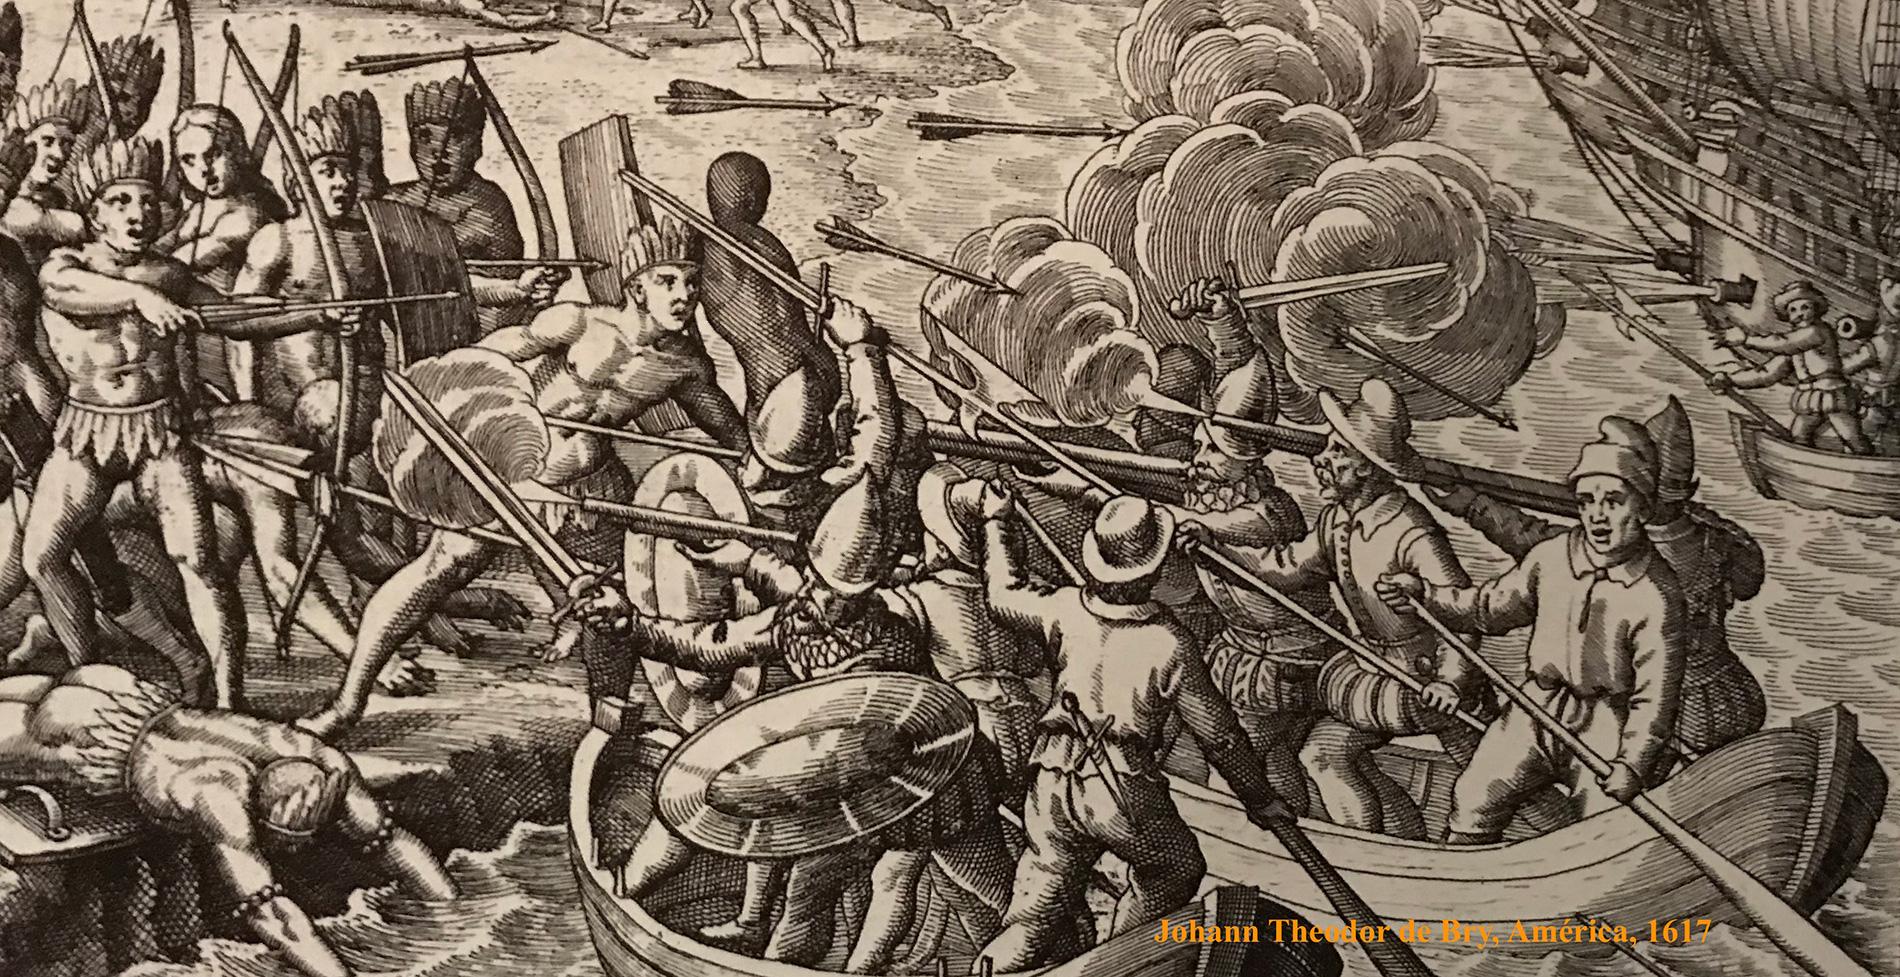 La-guerra-justa-contra-los-indios